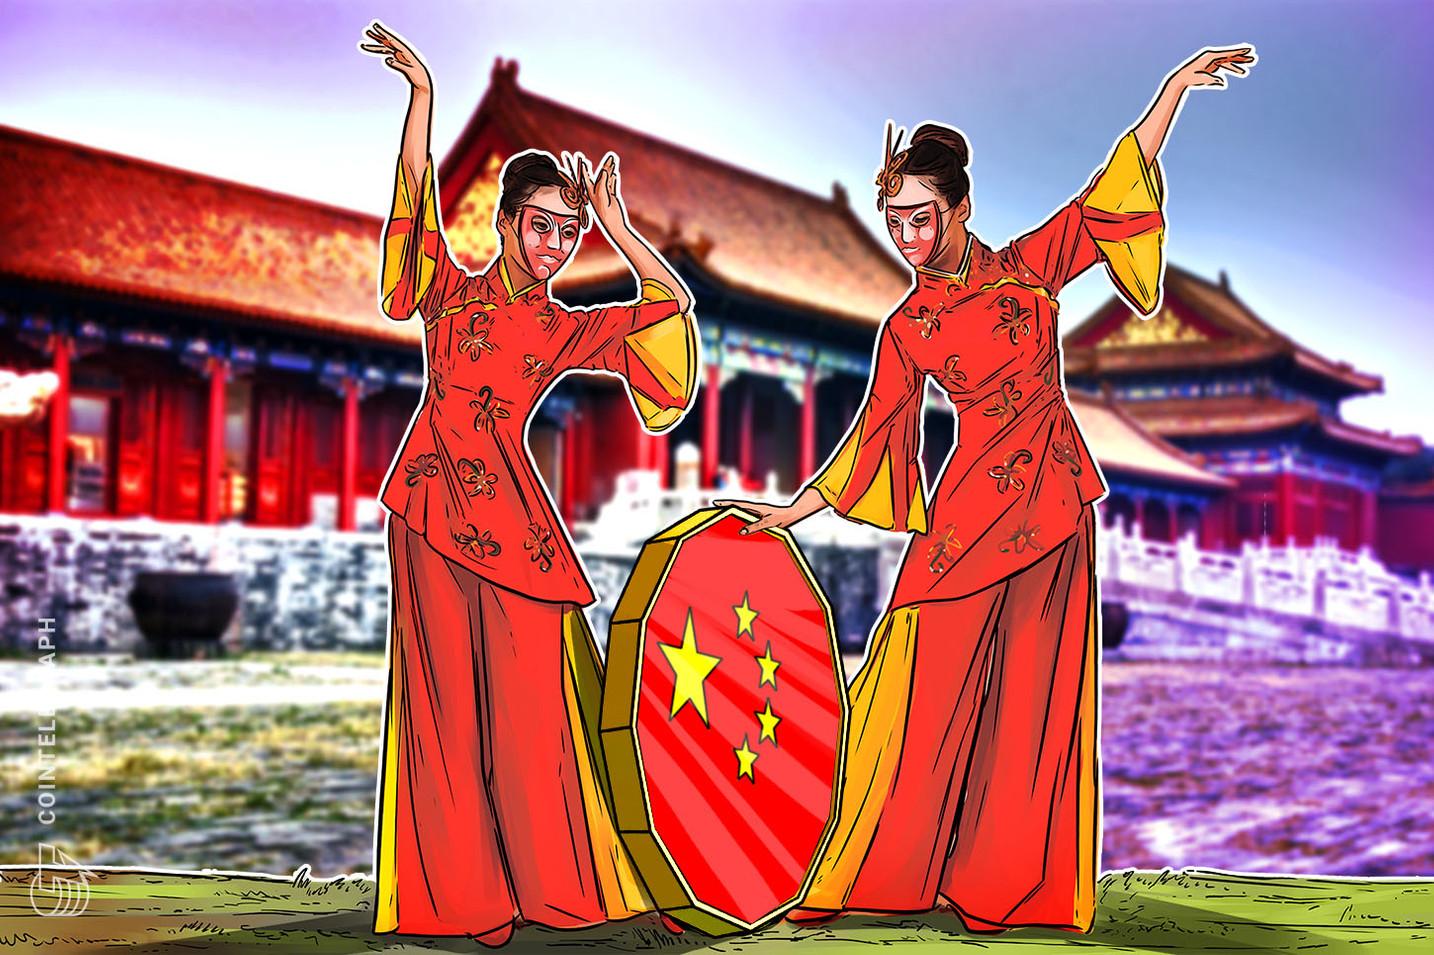 Los bancos chinos dicen que no congelarán las cuentas legales